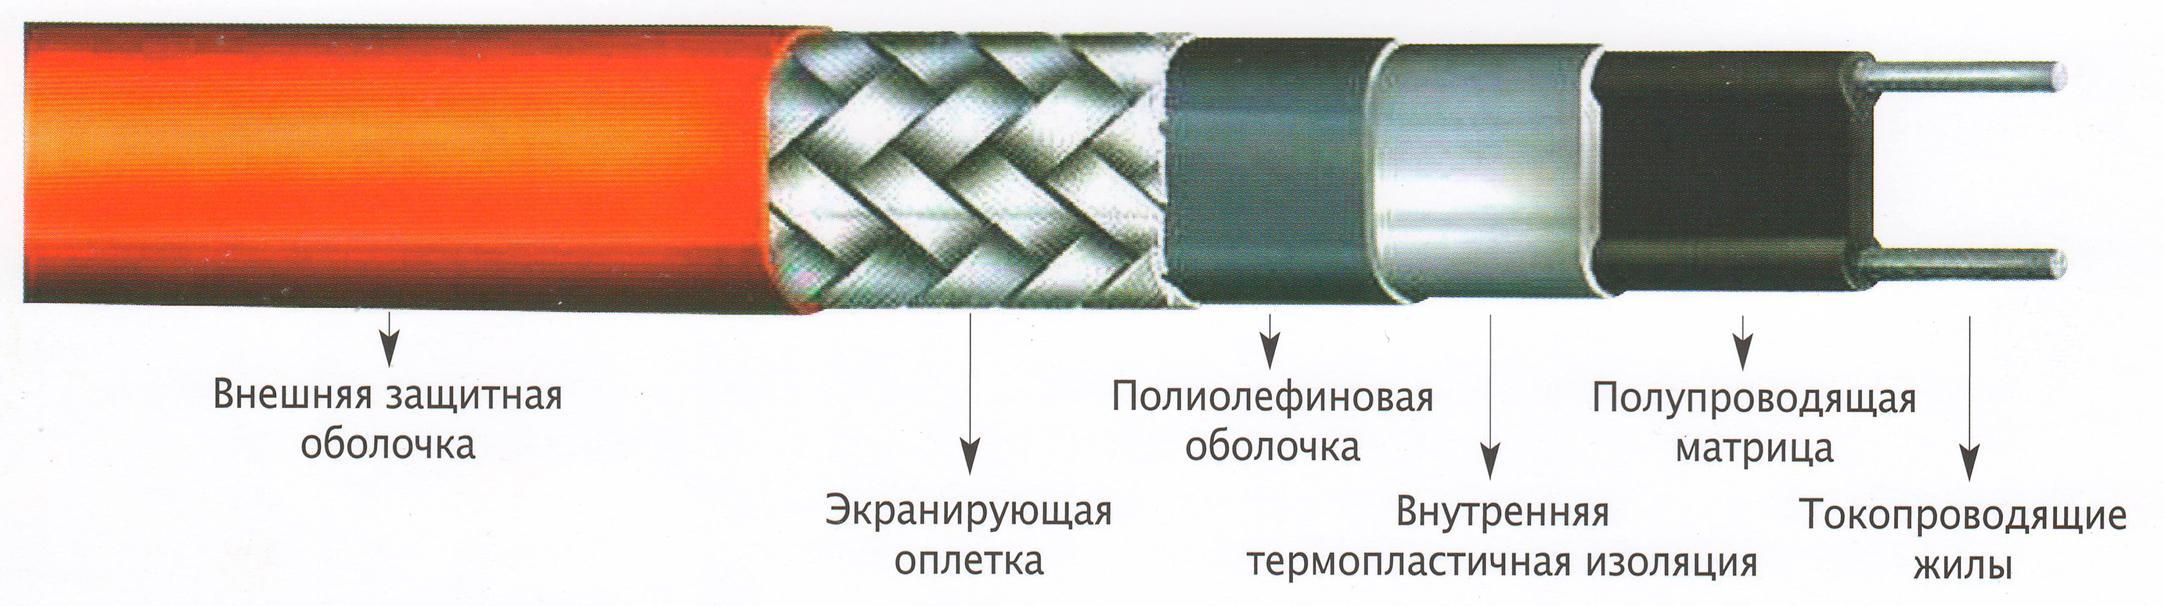 Описание состава кабеля